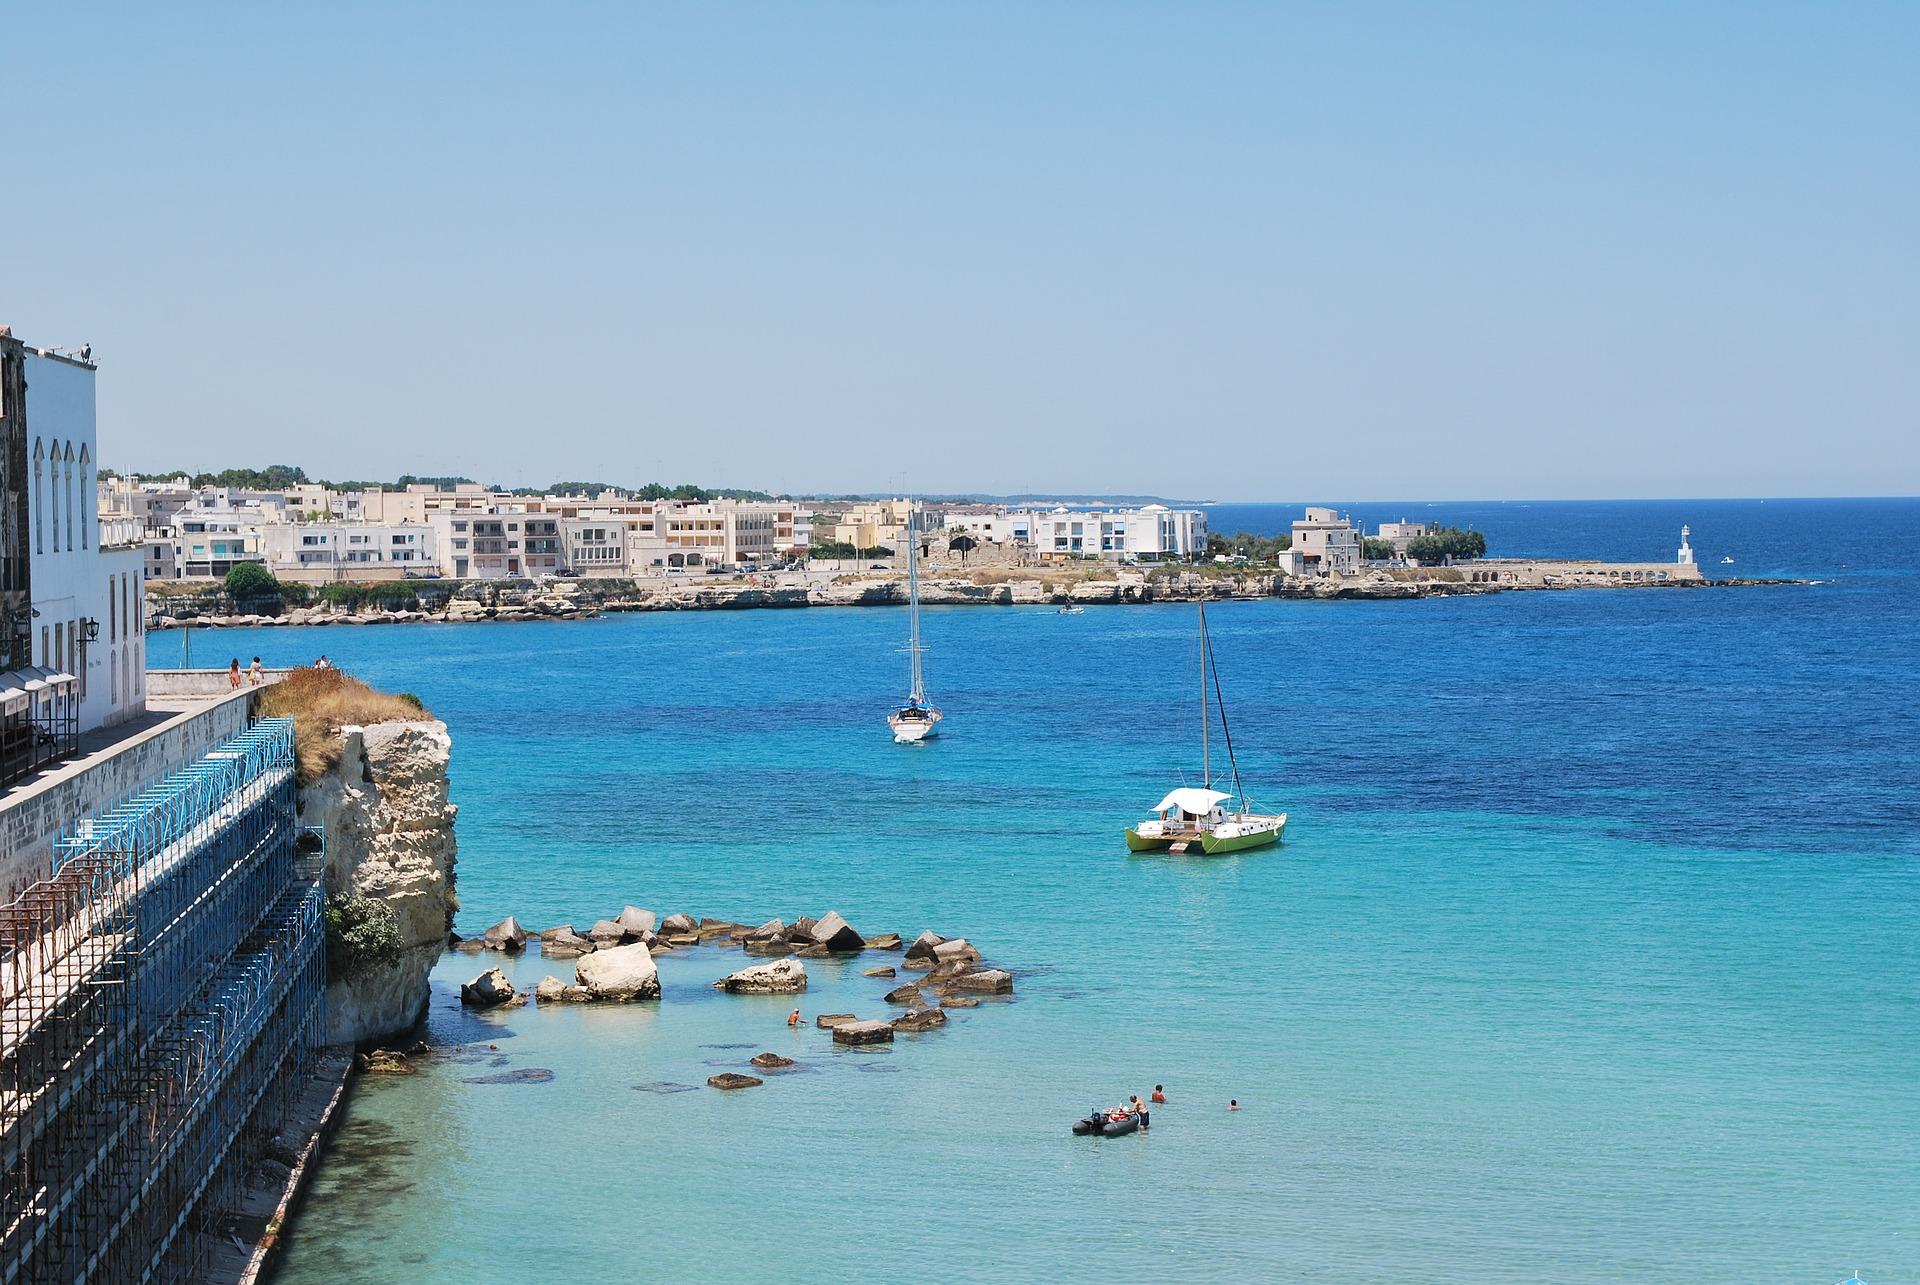 Kurzurlaub in Italien an der Adriaküste ist sowas von günstig